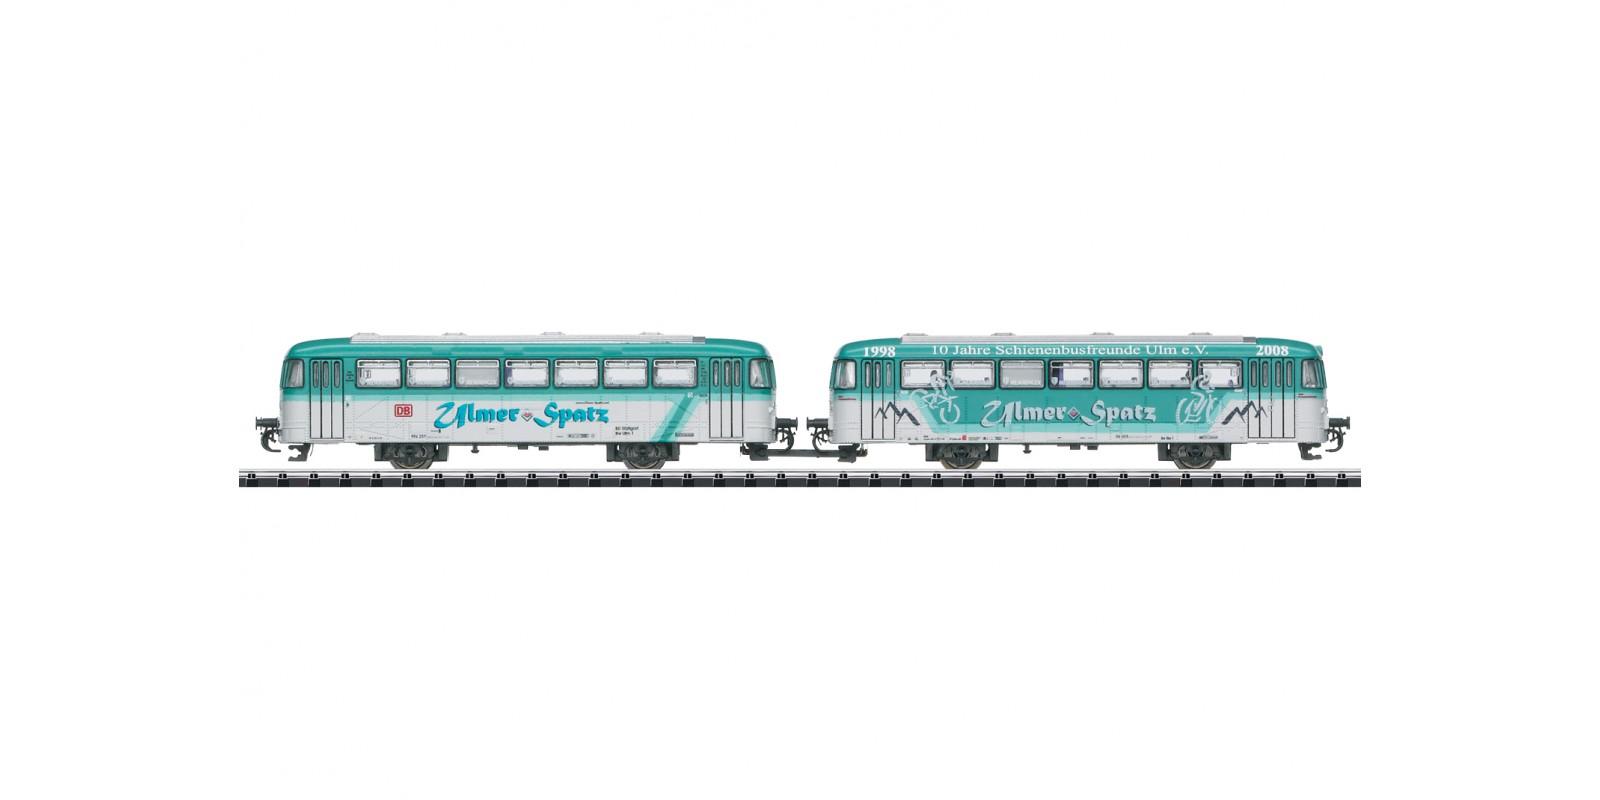 T18903 Class VB 996 and VB 998 Trail